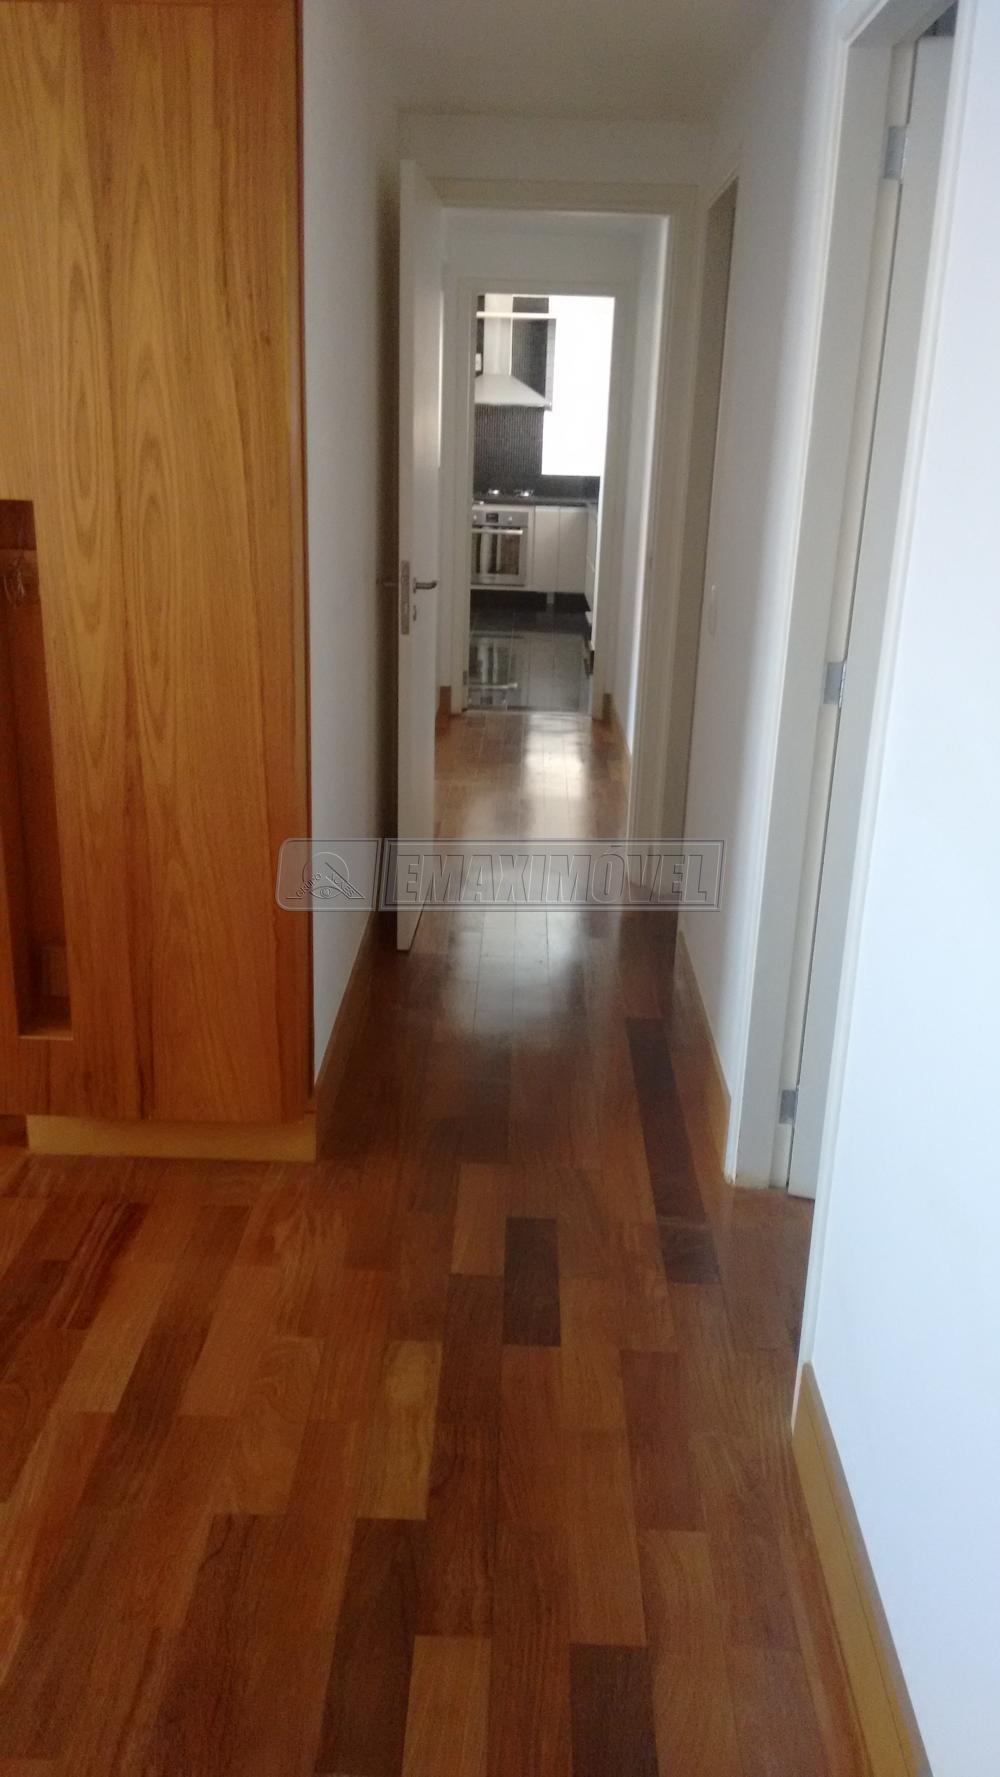 Comprar Apartamentos / Apto Padrão em Sorocaba apenas R$ 1.400.000,00 - Foto 11